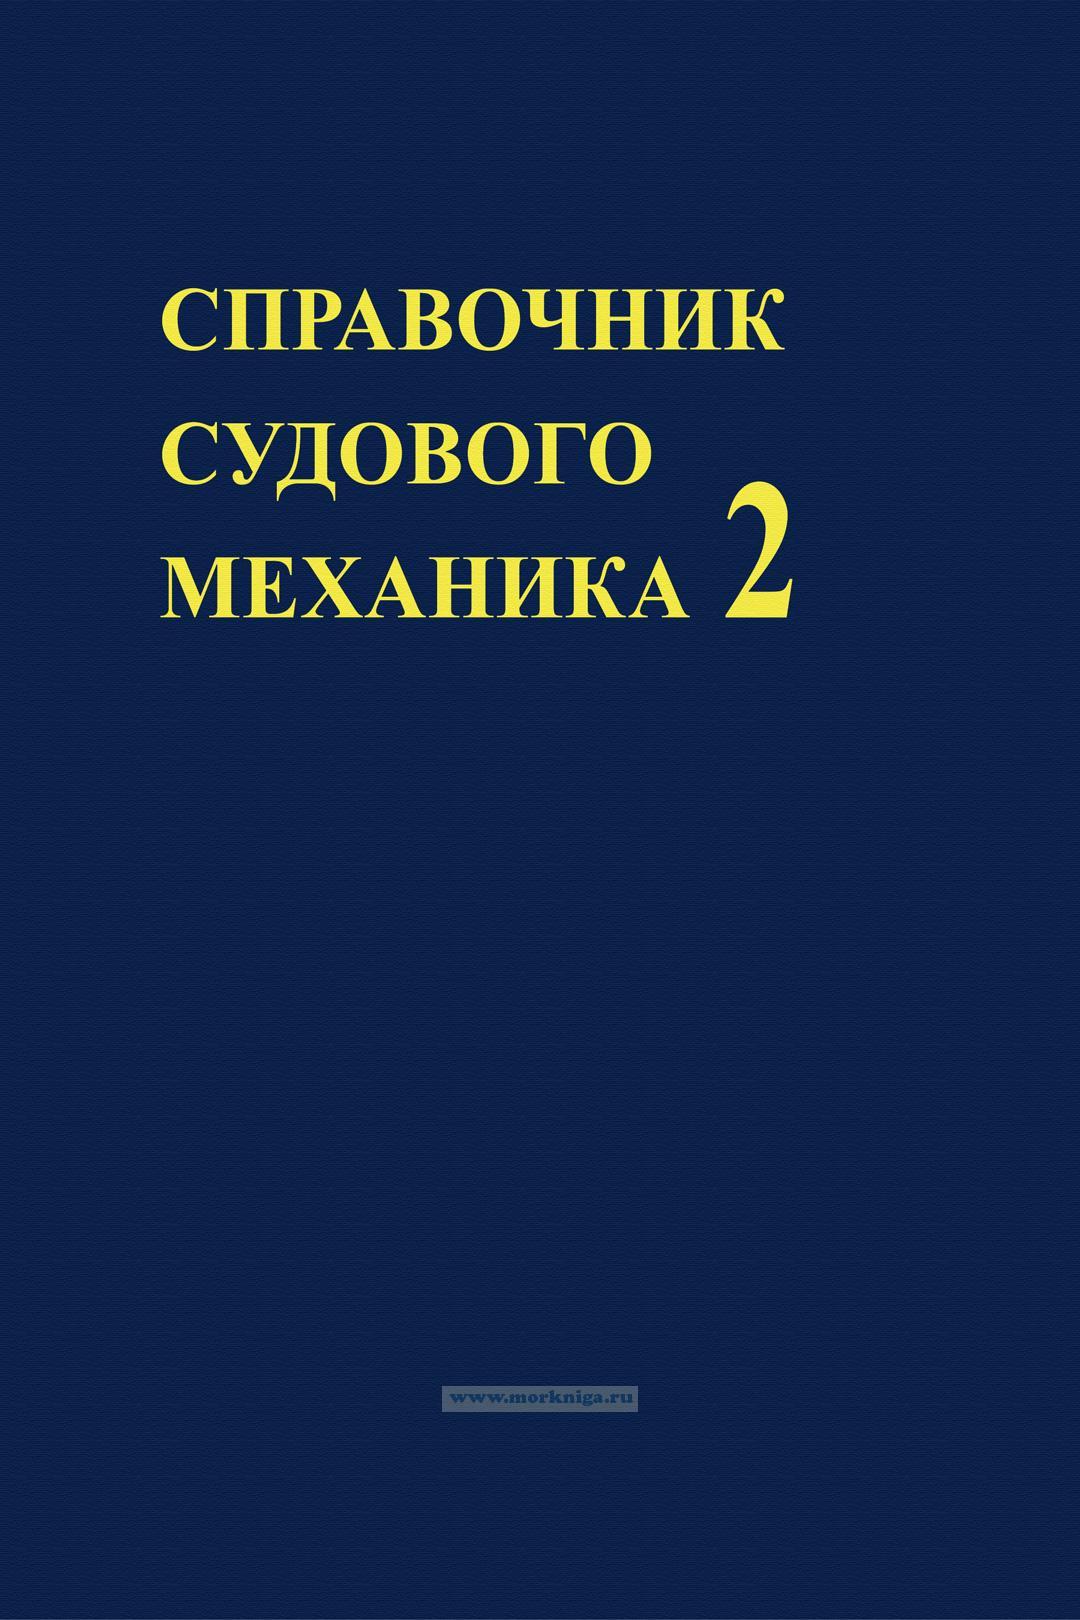 Справочник судового механика в 2-х томах